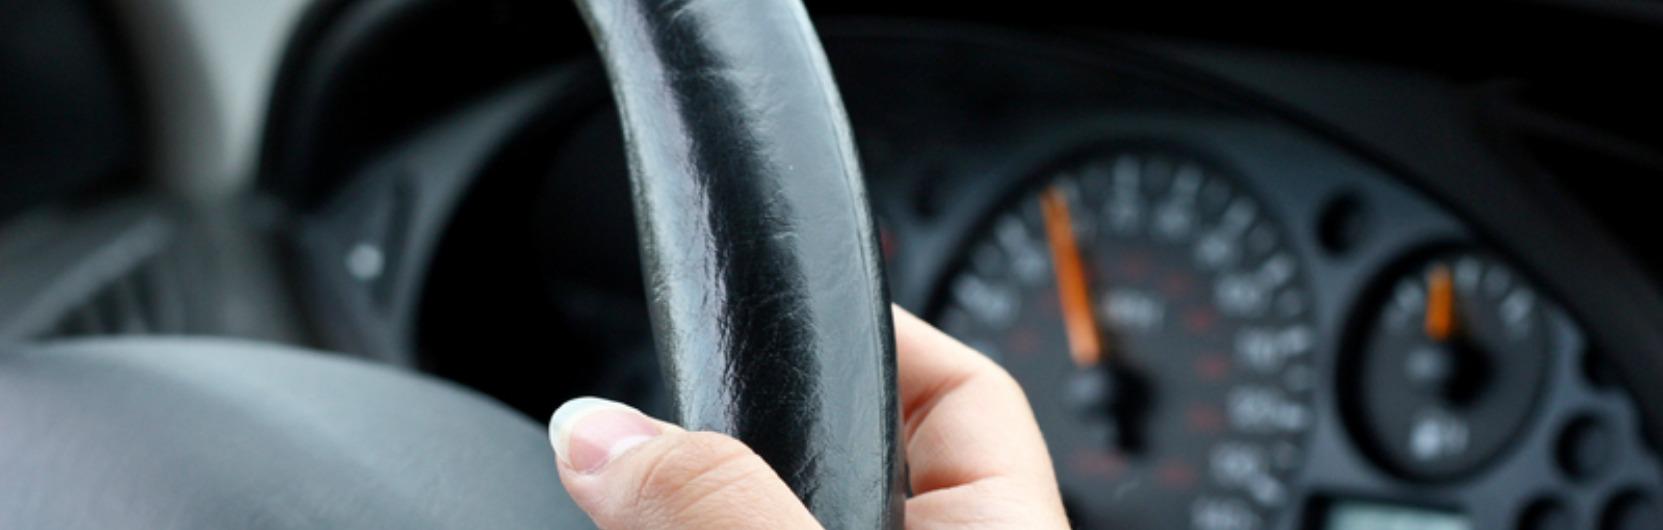 Nahaufnahme von einem Lenkrad und der Geschwindigkeitsanzeige in einem Auto.